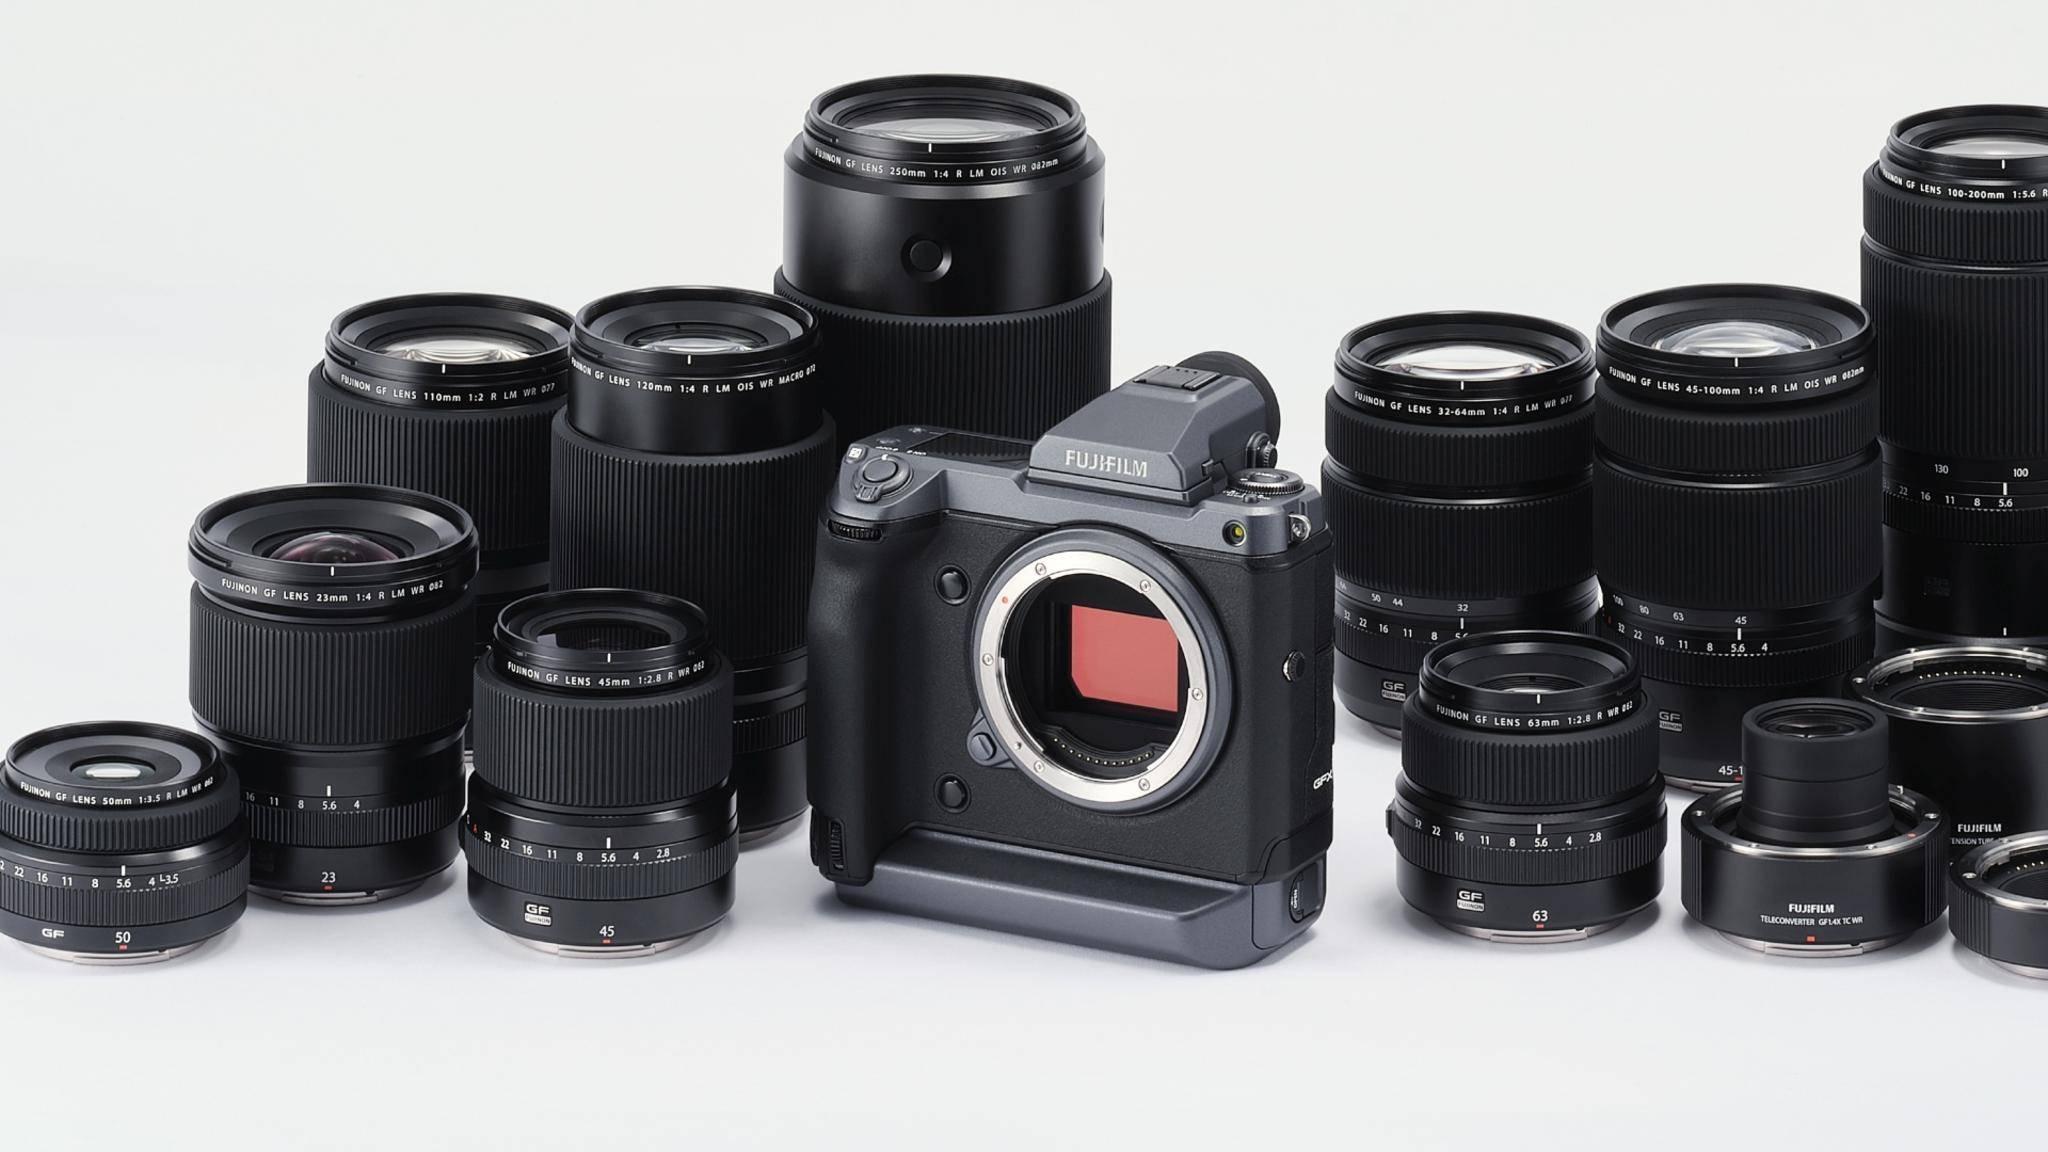 Die Fujifilm GFX100 hat viel zu bieten - und das sollte sie für 11.000 Euro wohl auch.